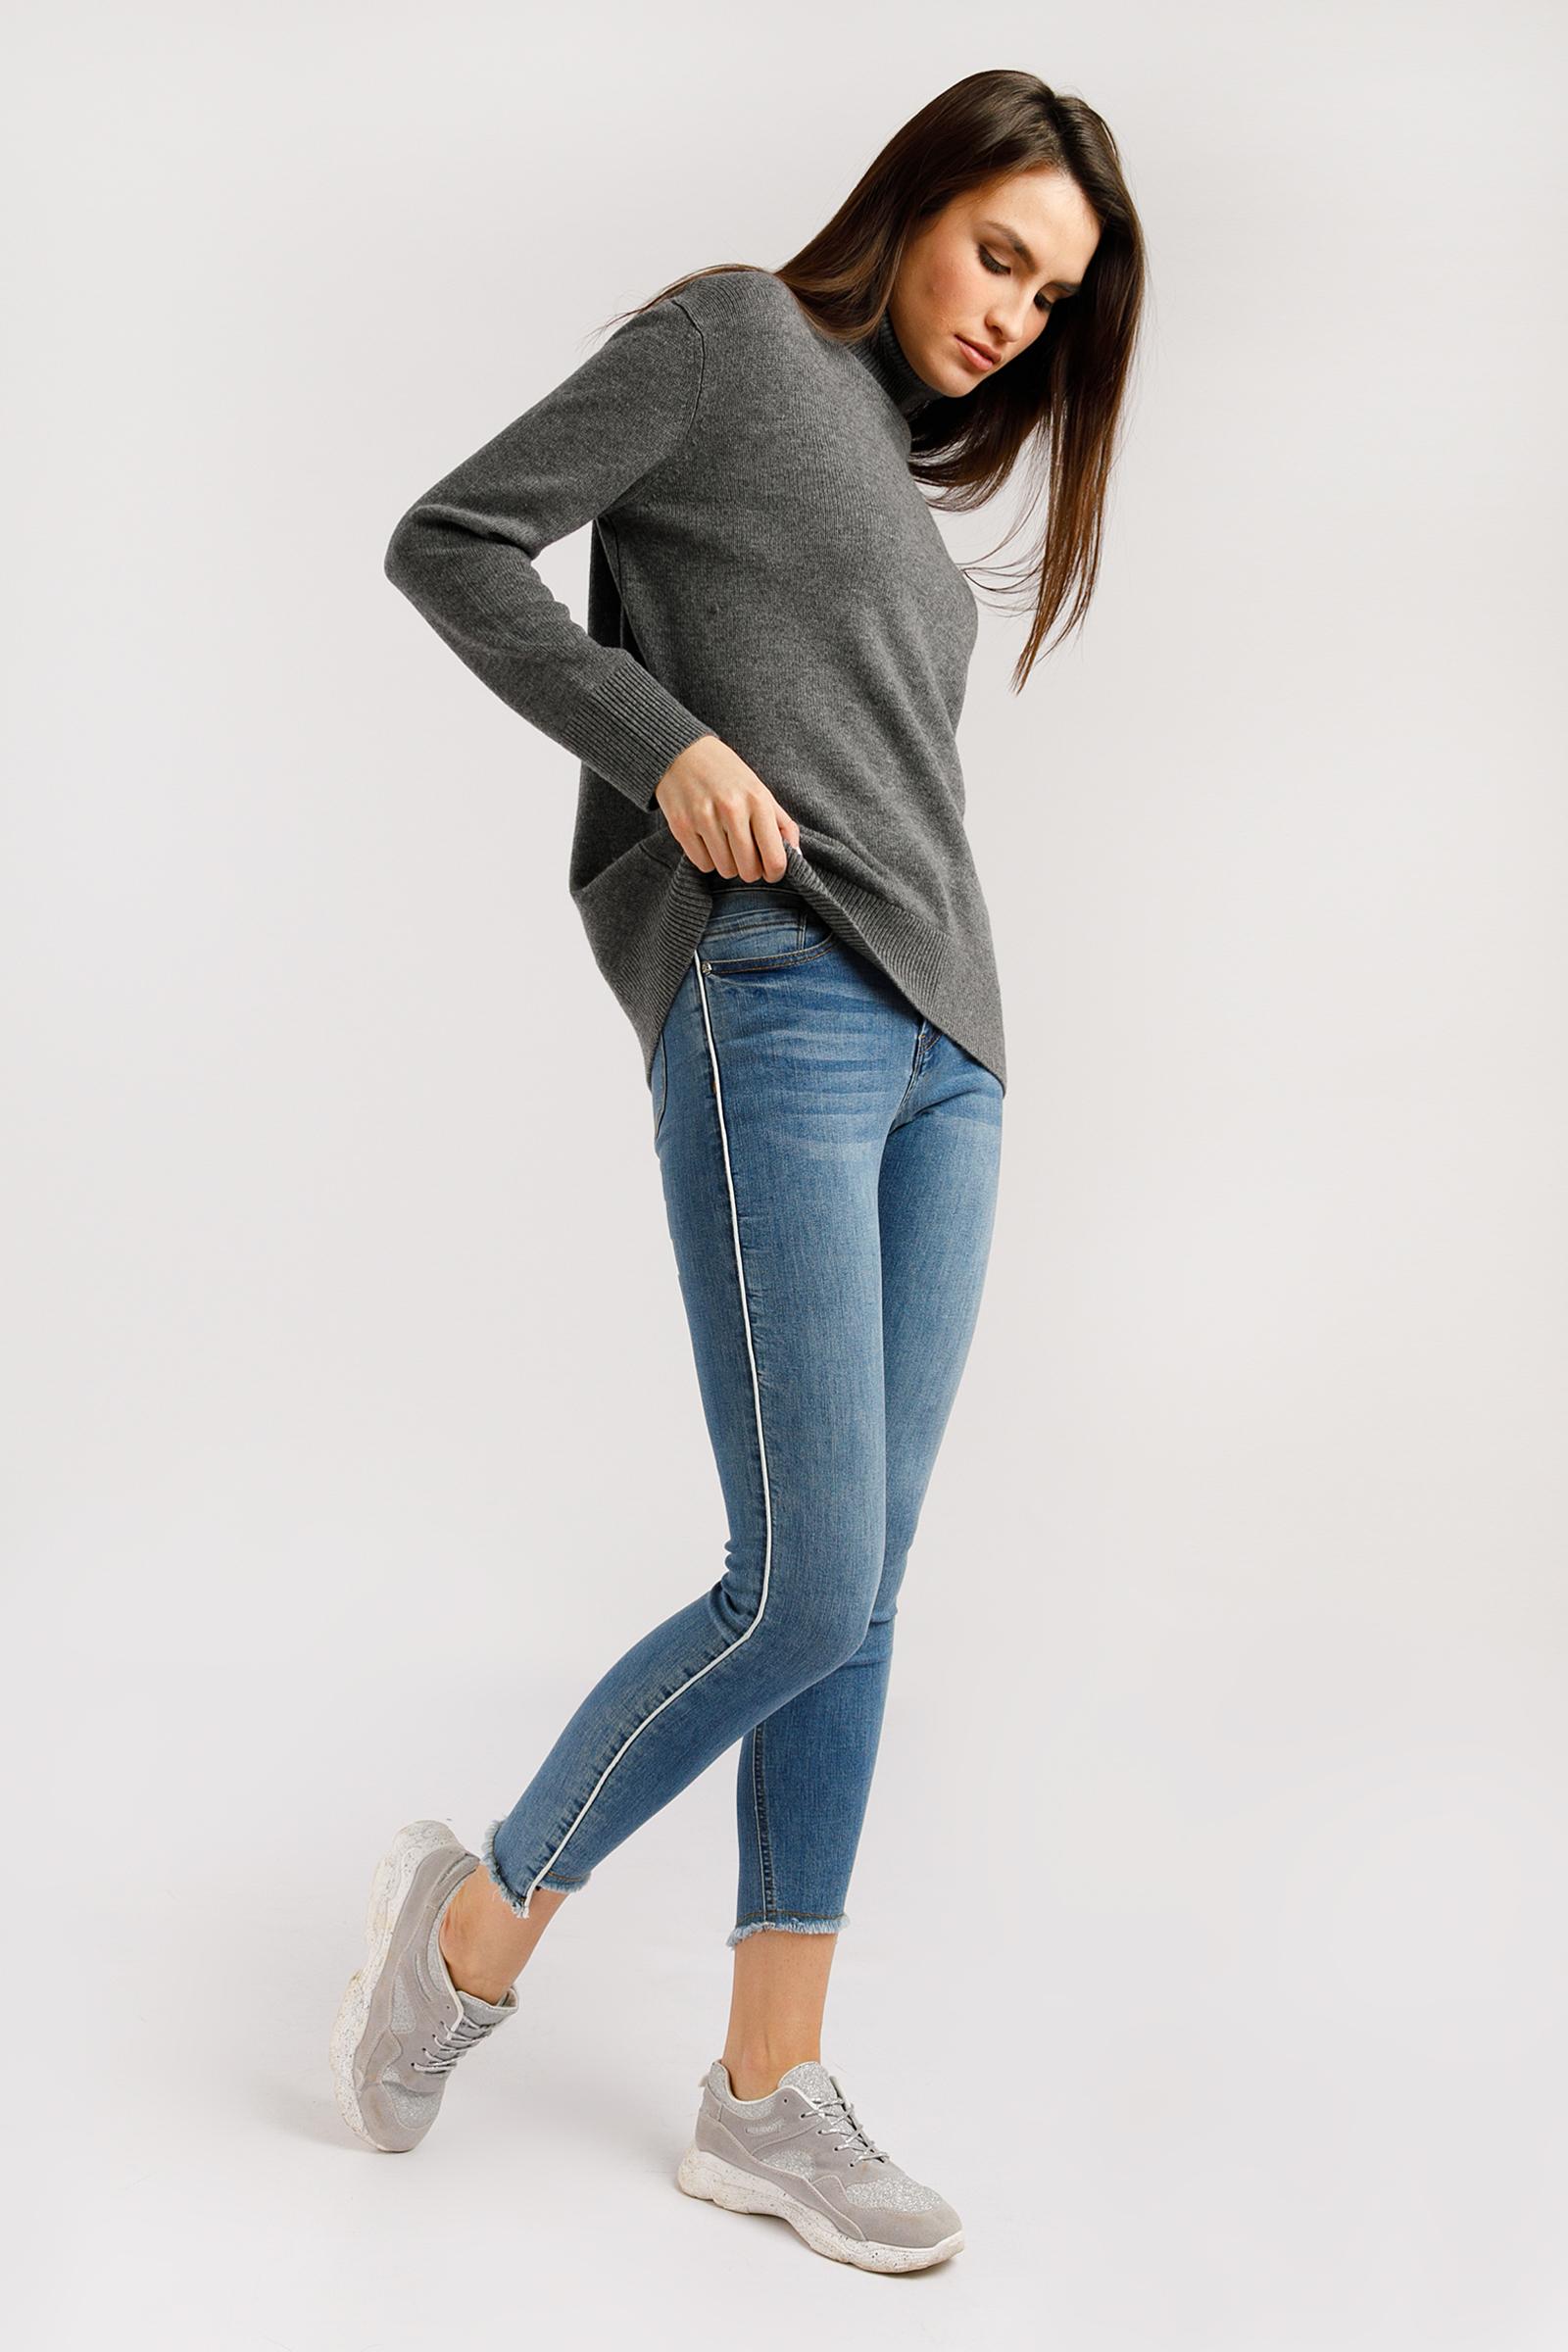 Брюки женские (джинсы) фото